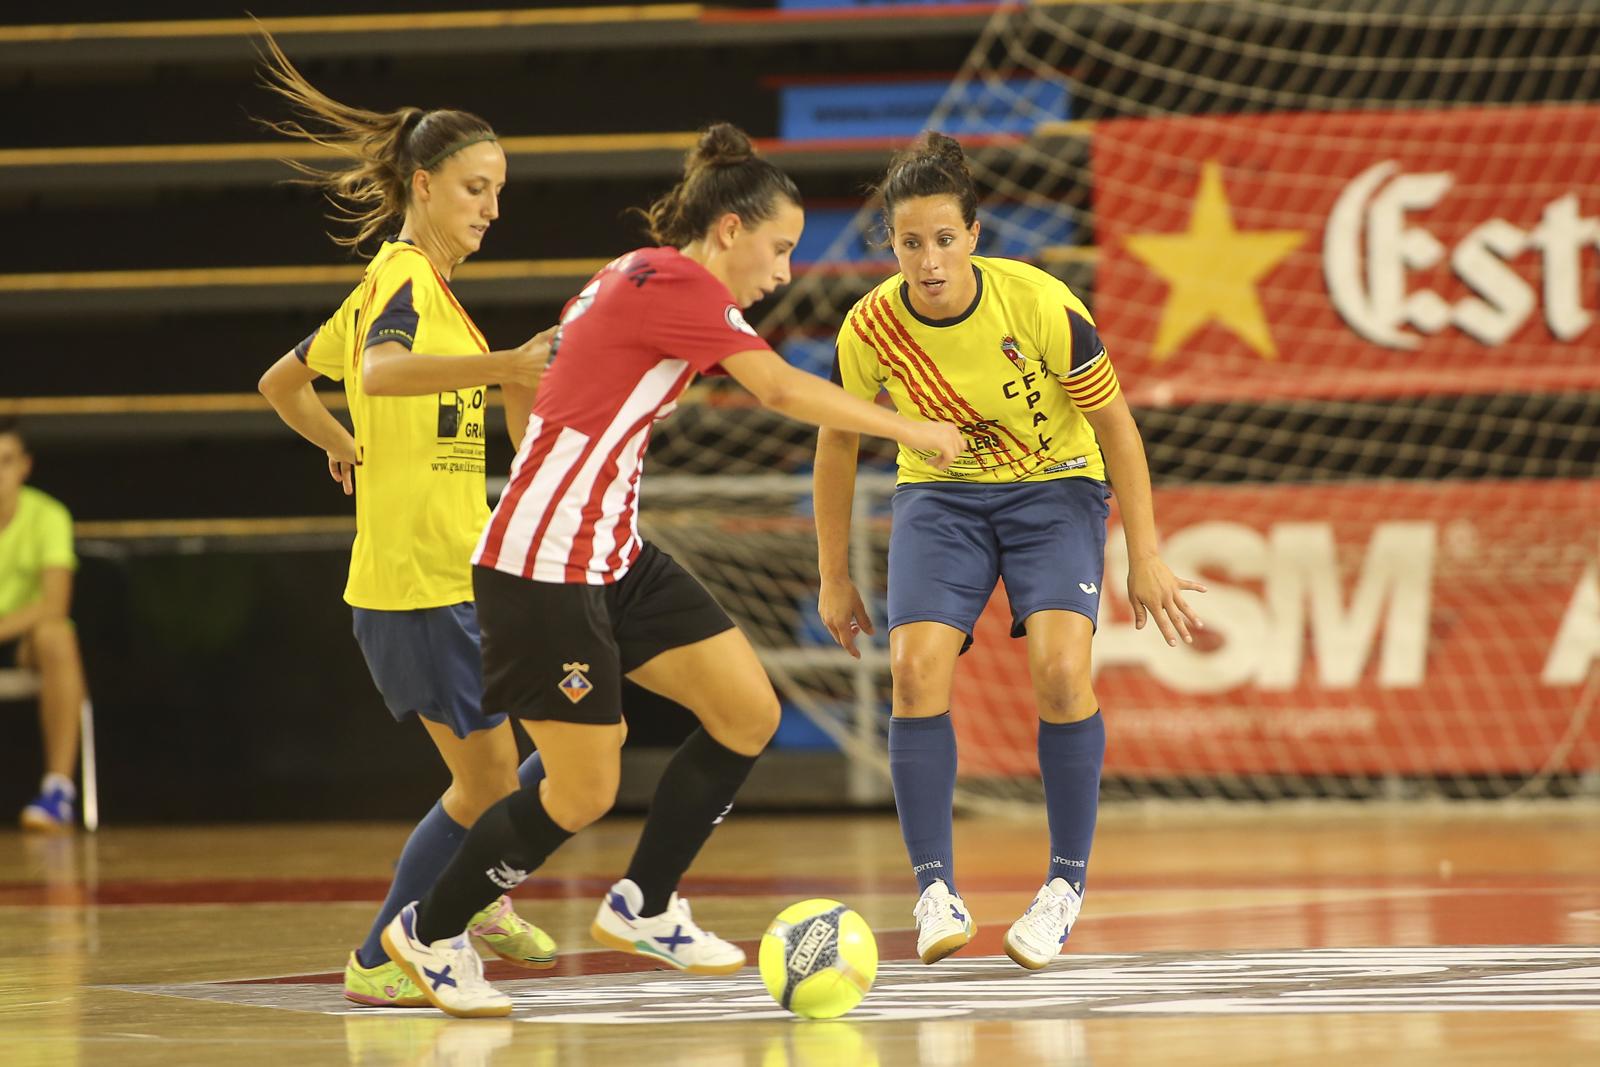 Laura Oliva i Marta de los Riscos, convocades a la selecció catalana sub21